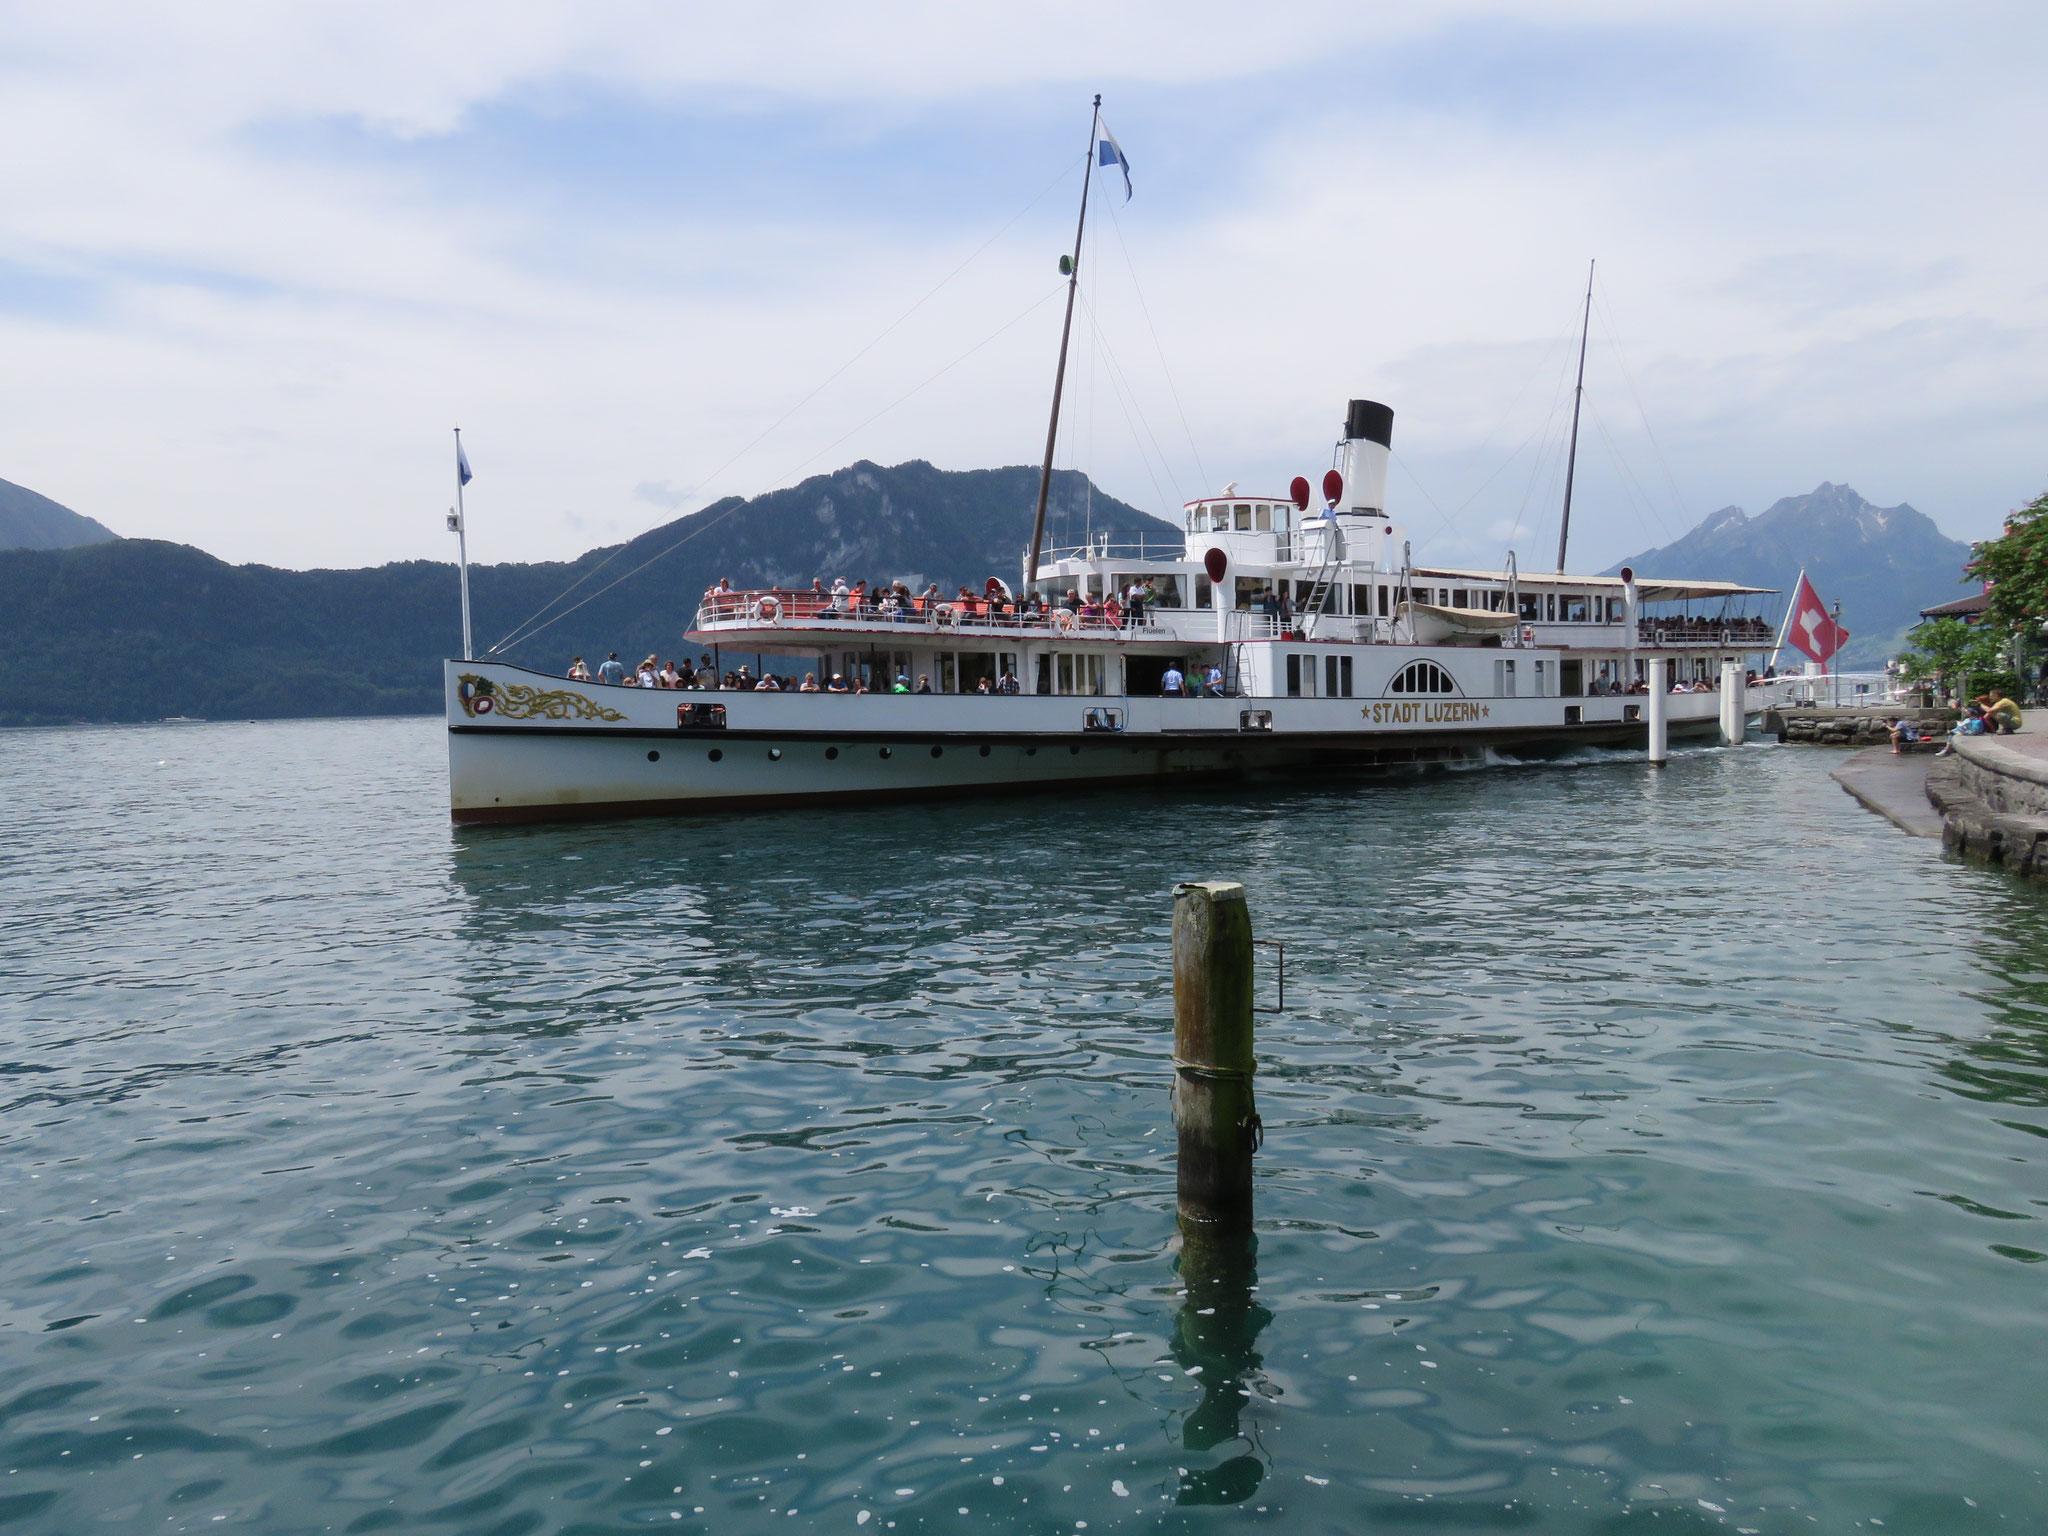 Das bald in Revision gehende Dampfschiff Stadt Luzern.